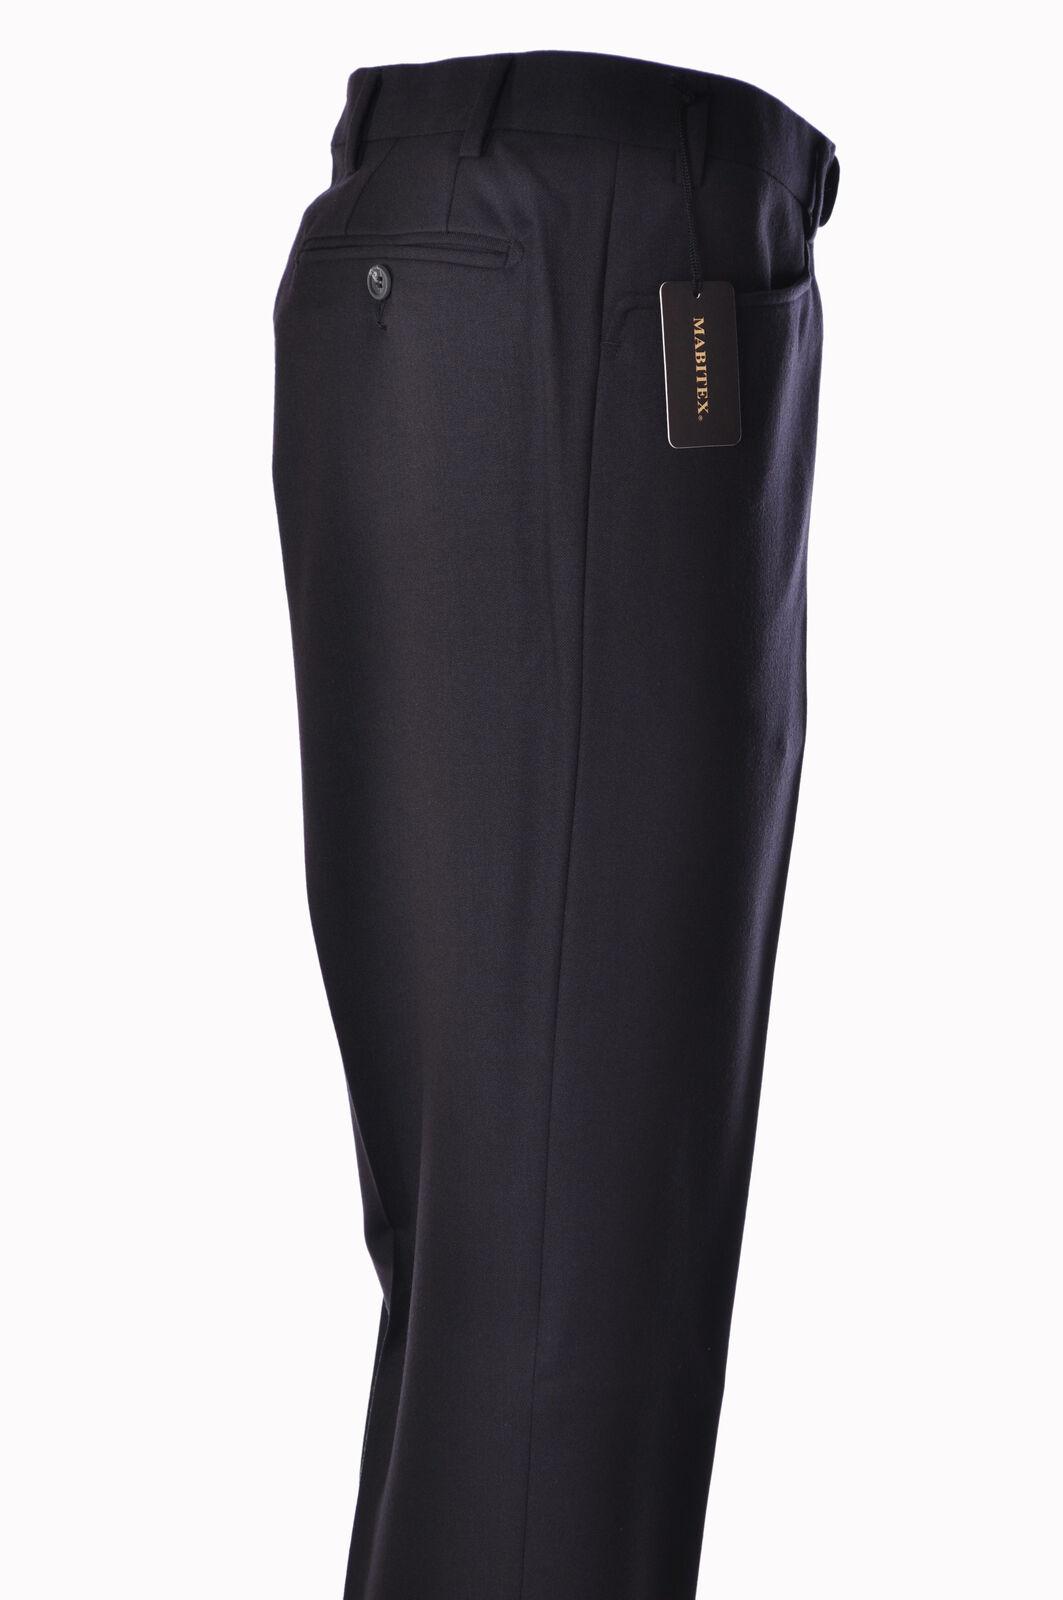 Mabitex  -  Pants - Male - bluee - 2936502A184014